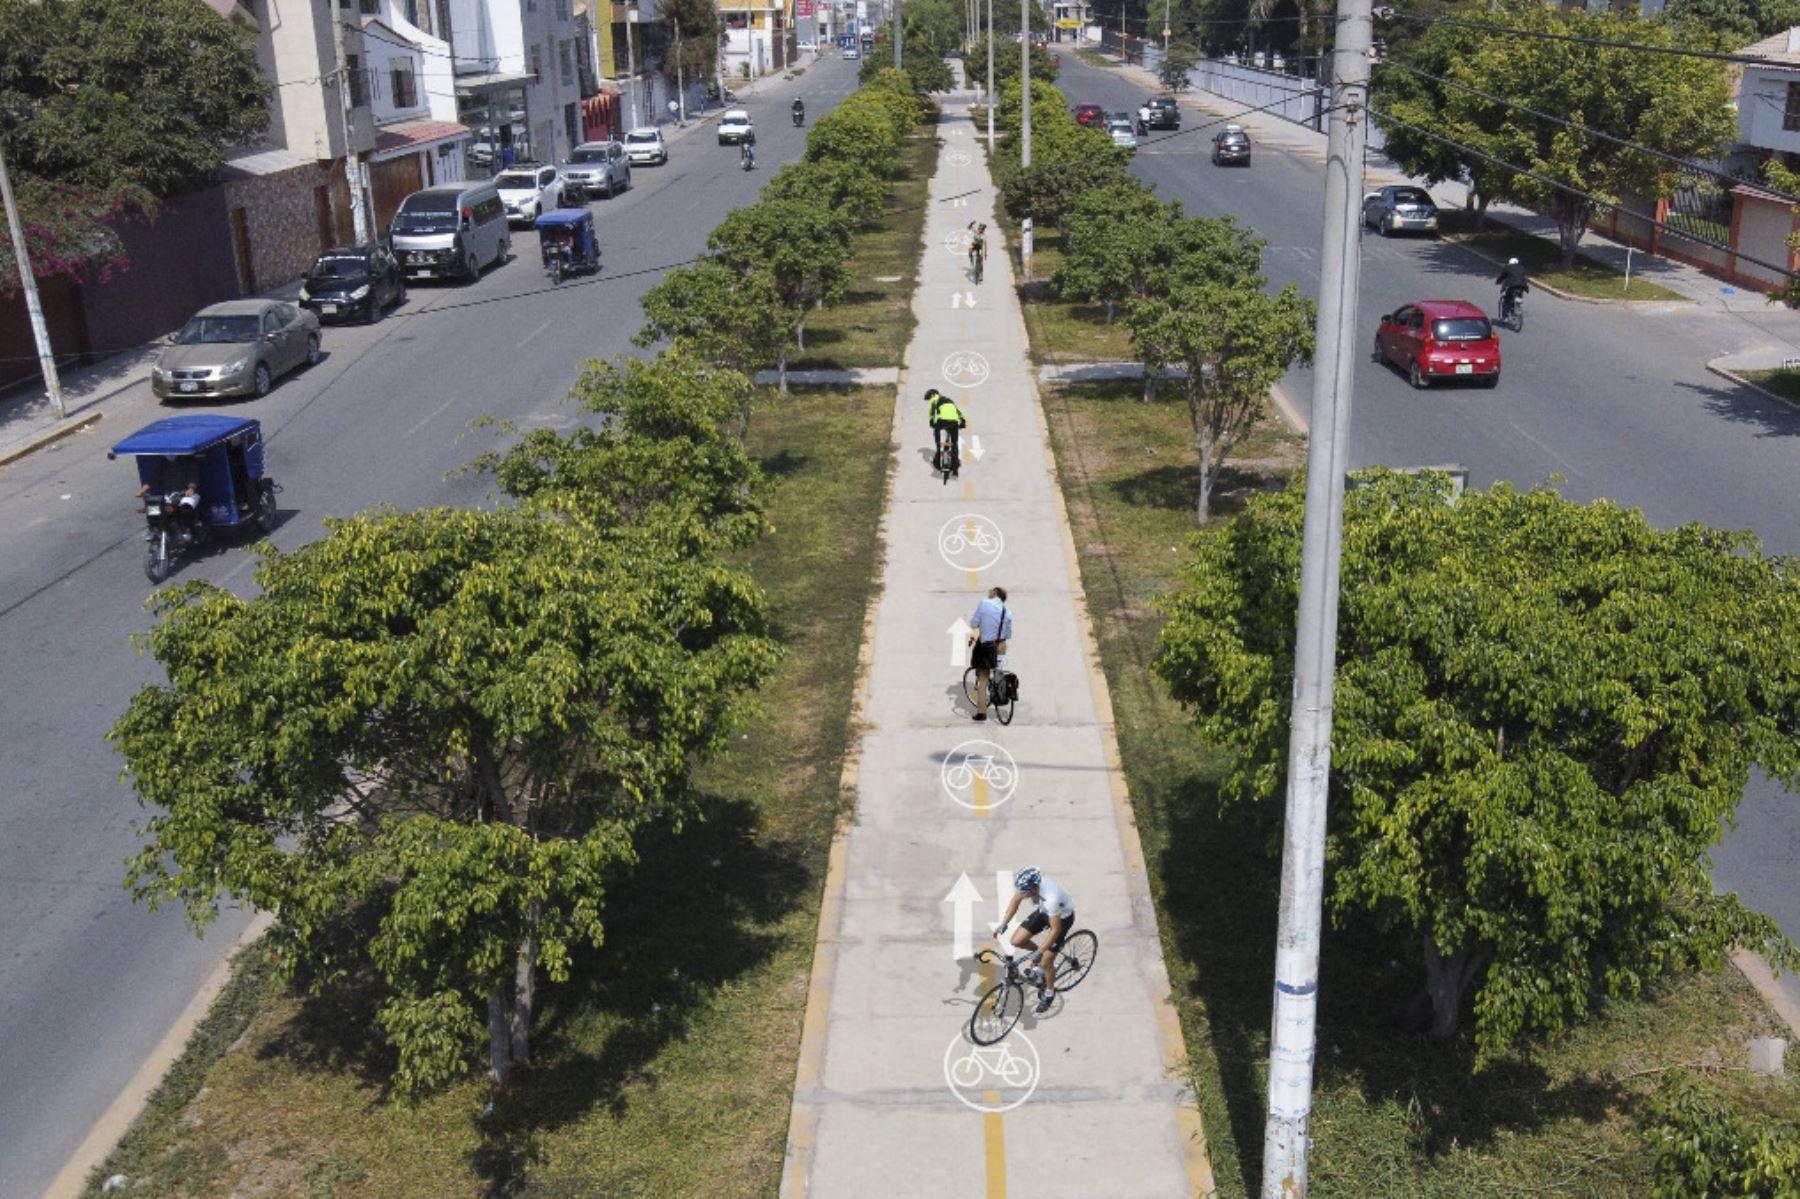 Se proyecta que la provincia de Chiclayo cuente con 11,300 metros de ciclovías tras declarar de interés municipal el uso de la bicicleta como medio de transporte sostenible. Foto: ANDINA/Difusión